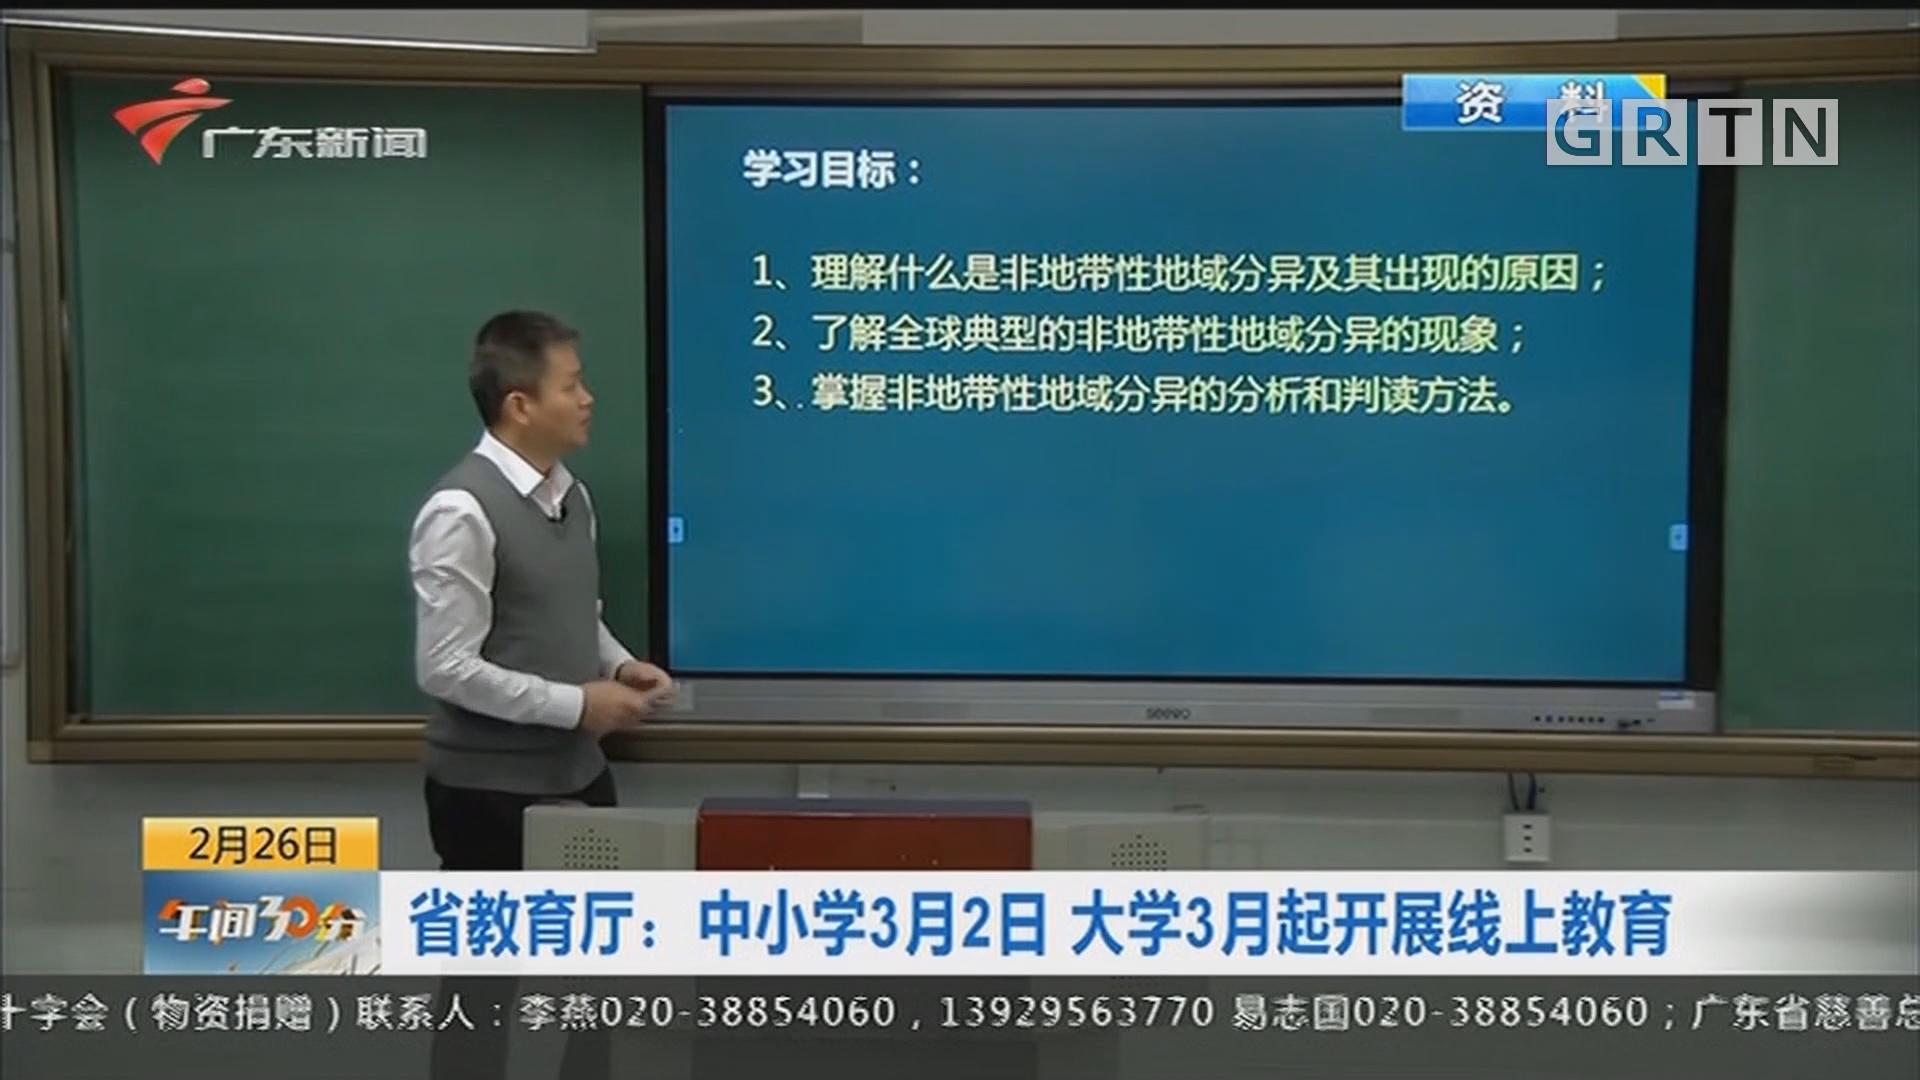 省教育厅:中小学3月2日 大学3月起开展线上教育